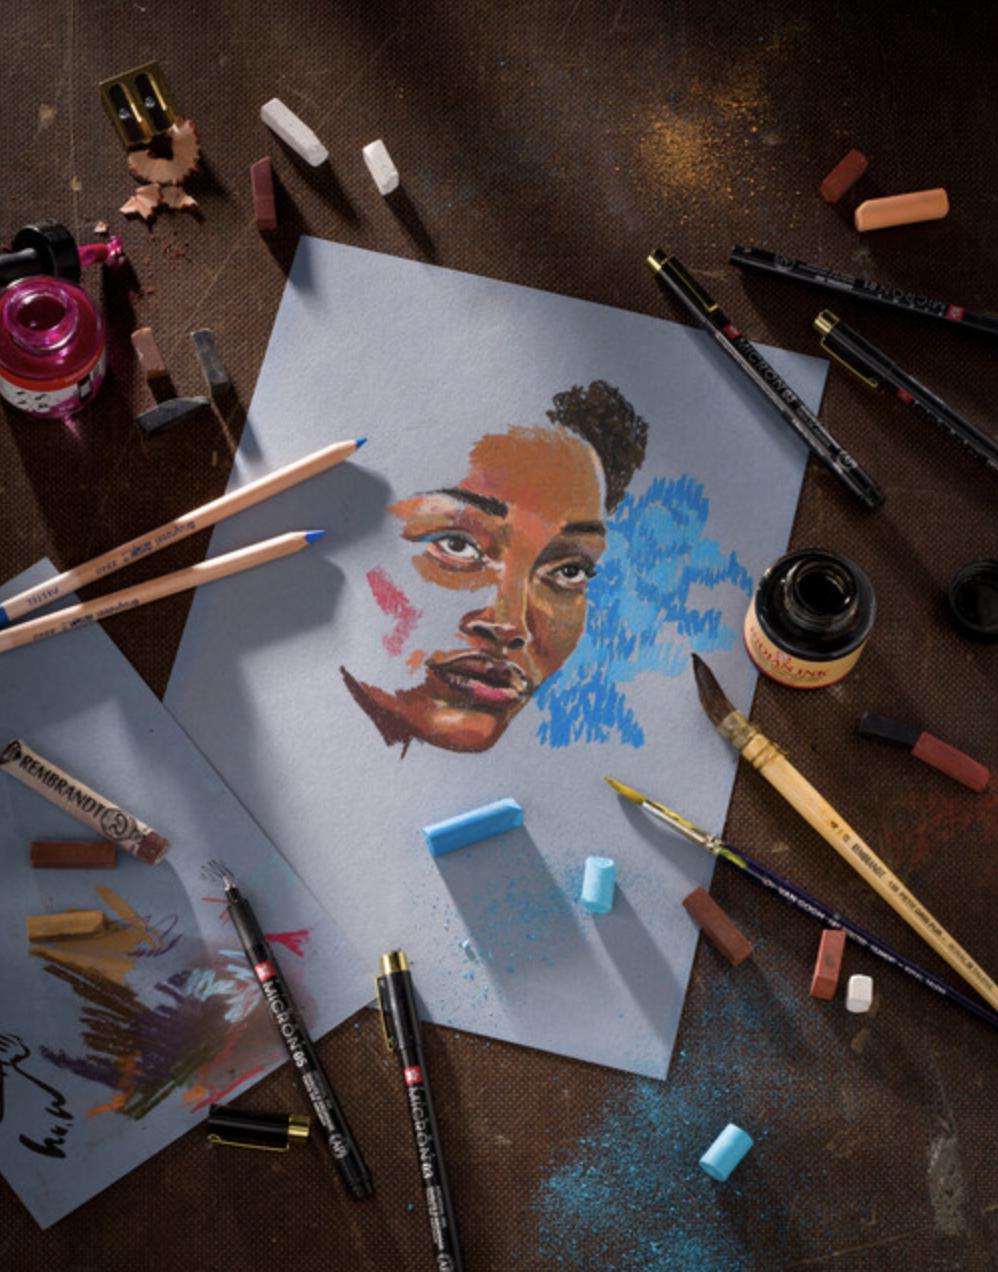 Royal Talens France | Leader mondial dans les matériaux pour artistes et produits de coloriage et de dessin